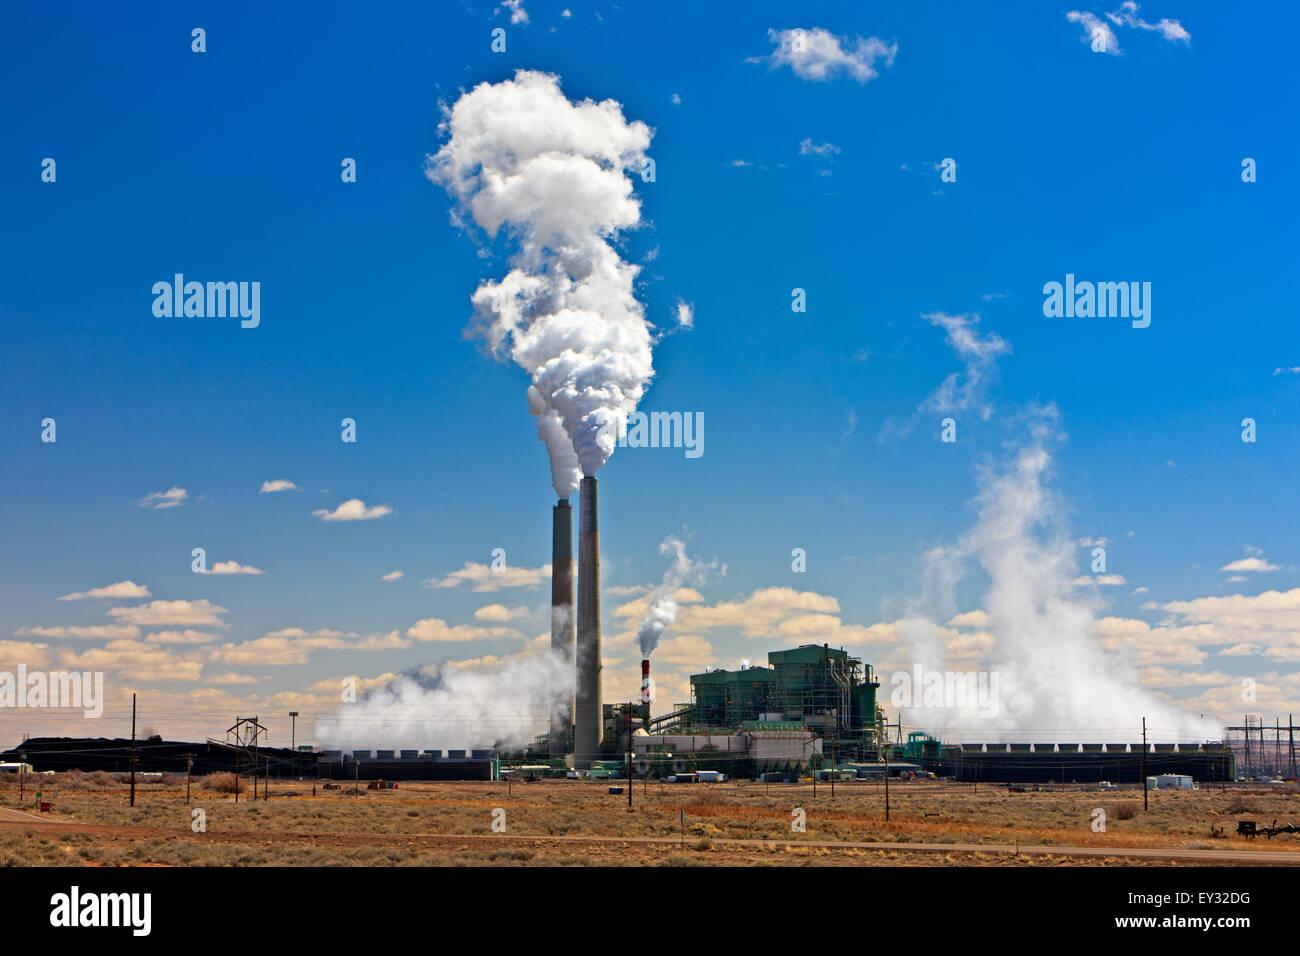 Cholla Kohlekraftwerk mit Rauchen Schornsteine, Arizona, USA Stockbild